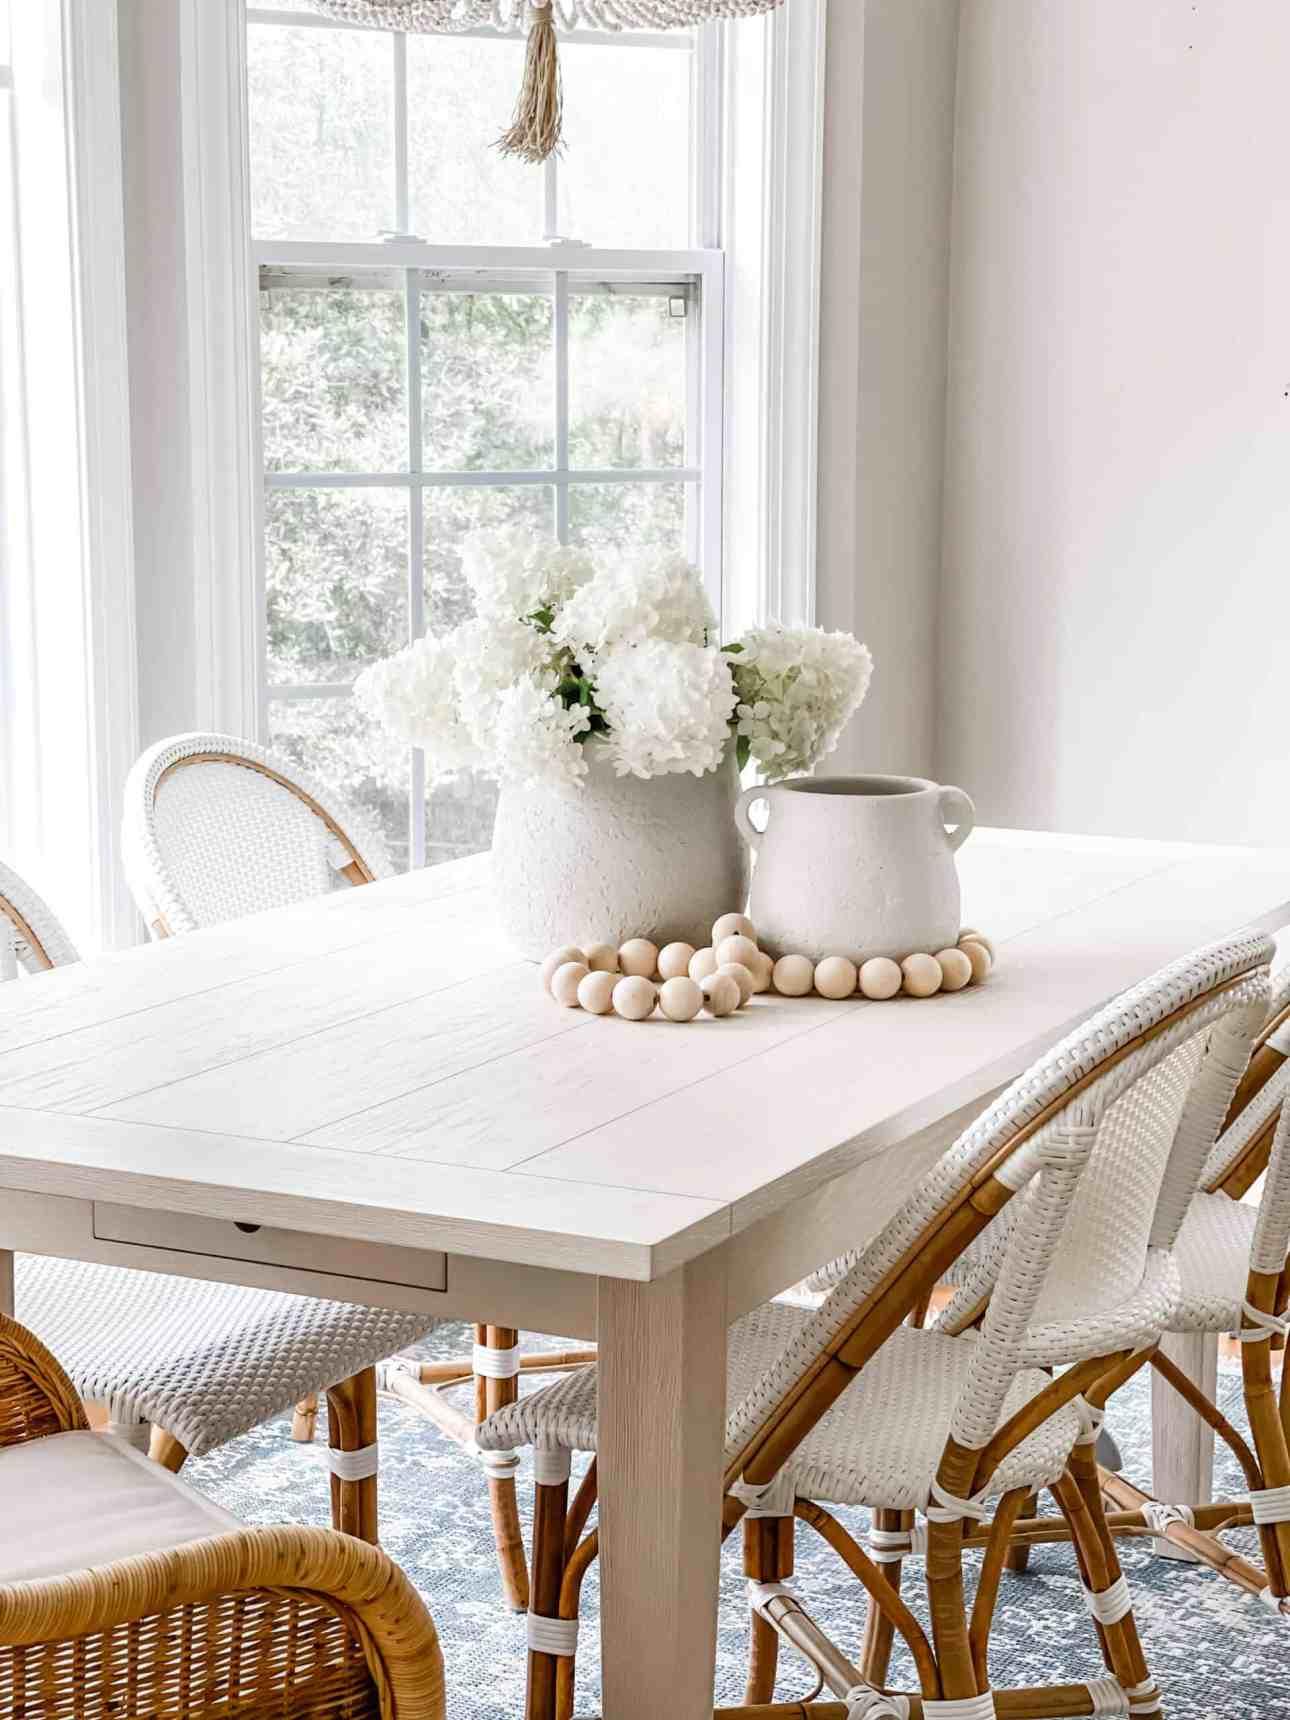 Placing white wedding hydrangeas in vases.